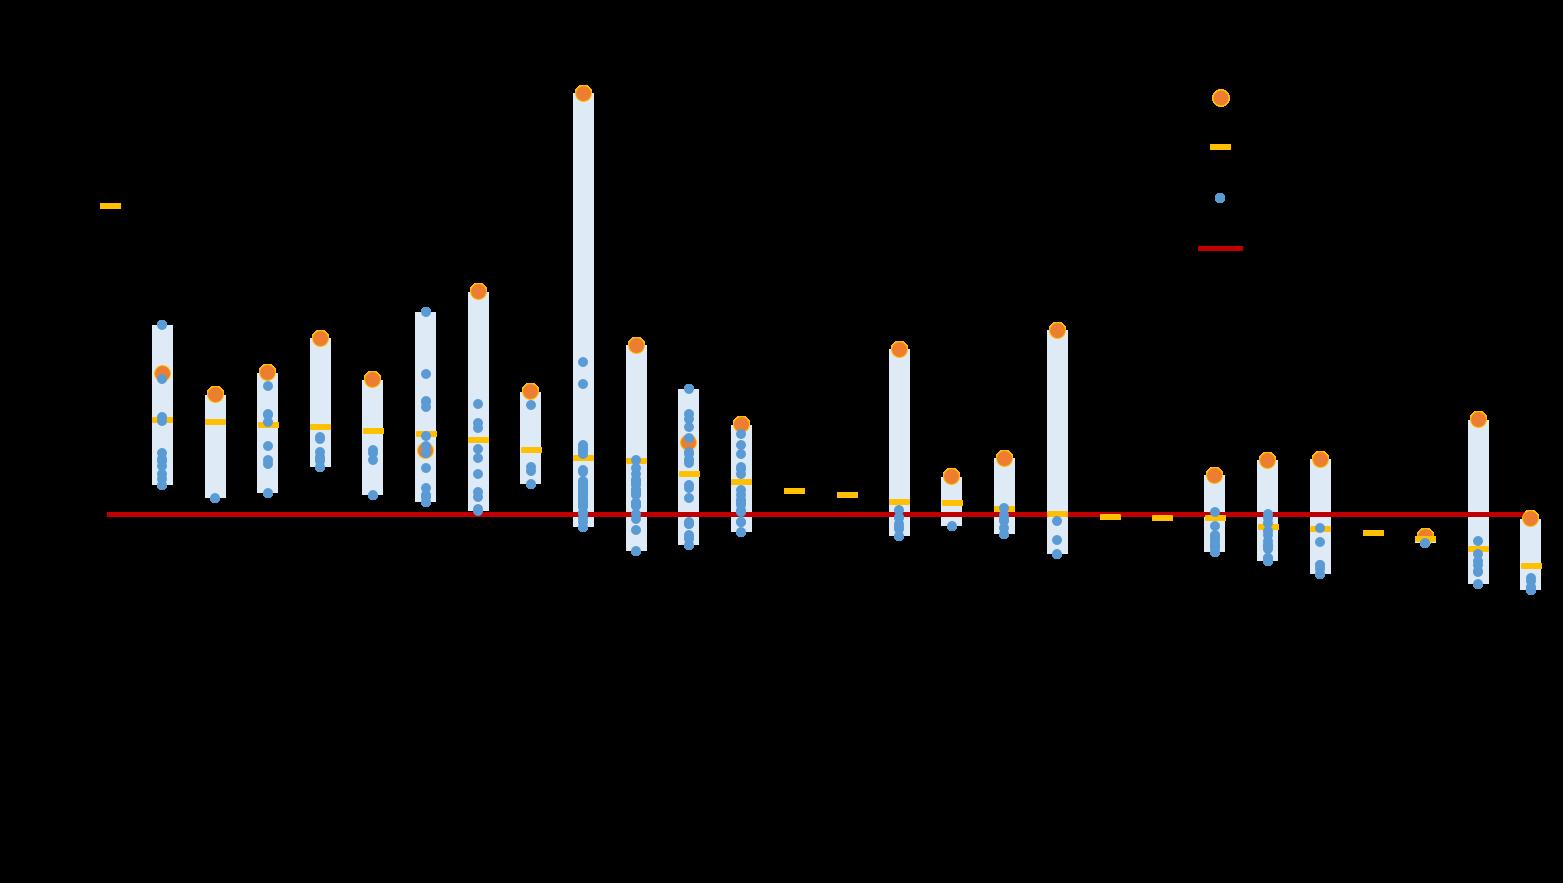 GDP per capita in PPP by NUTS2 region, EU28=100, 2013